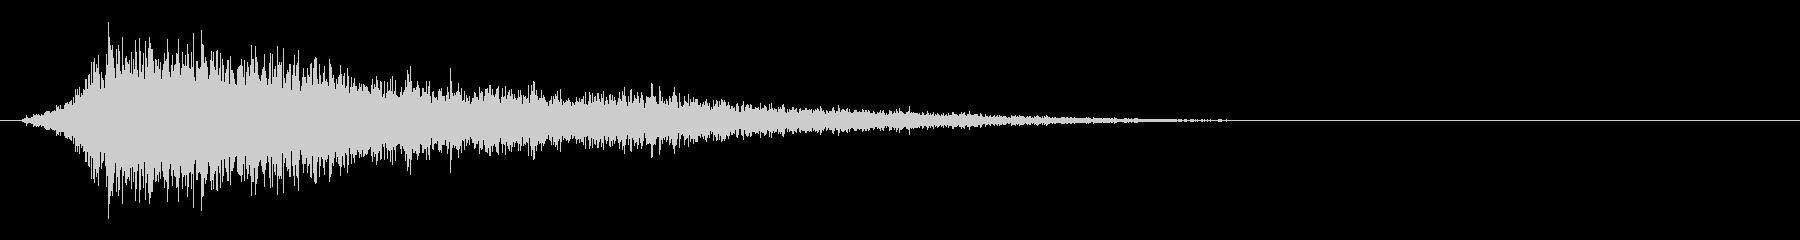 サスペンスピアノ音_16-2の未再生の波形